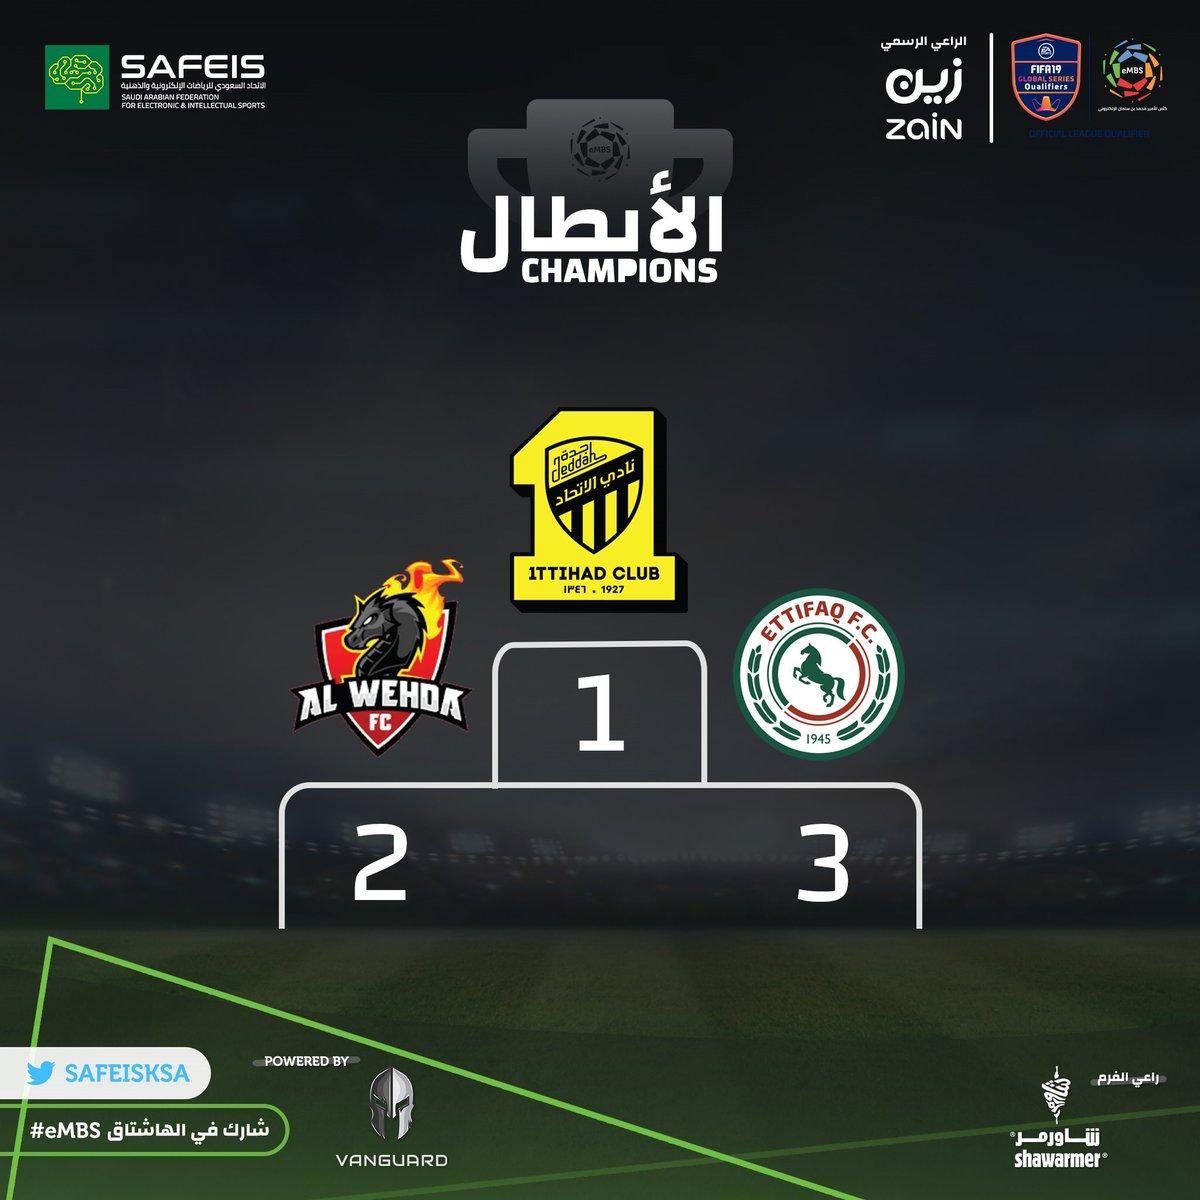 المراكز الأولى في بطولة كأس الأمير محمد بن سلمان #eMBS